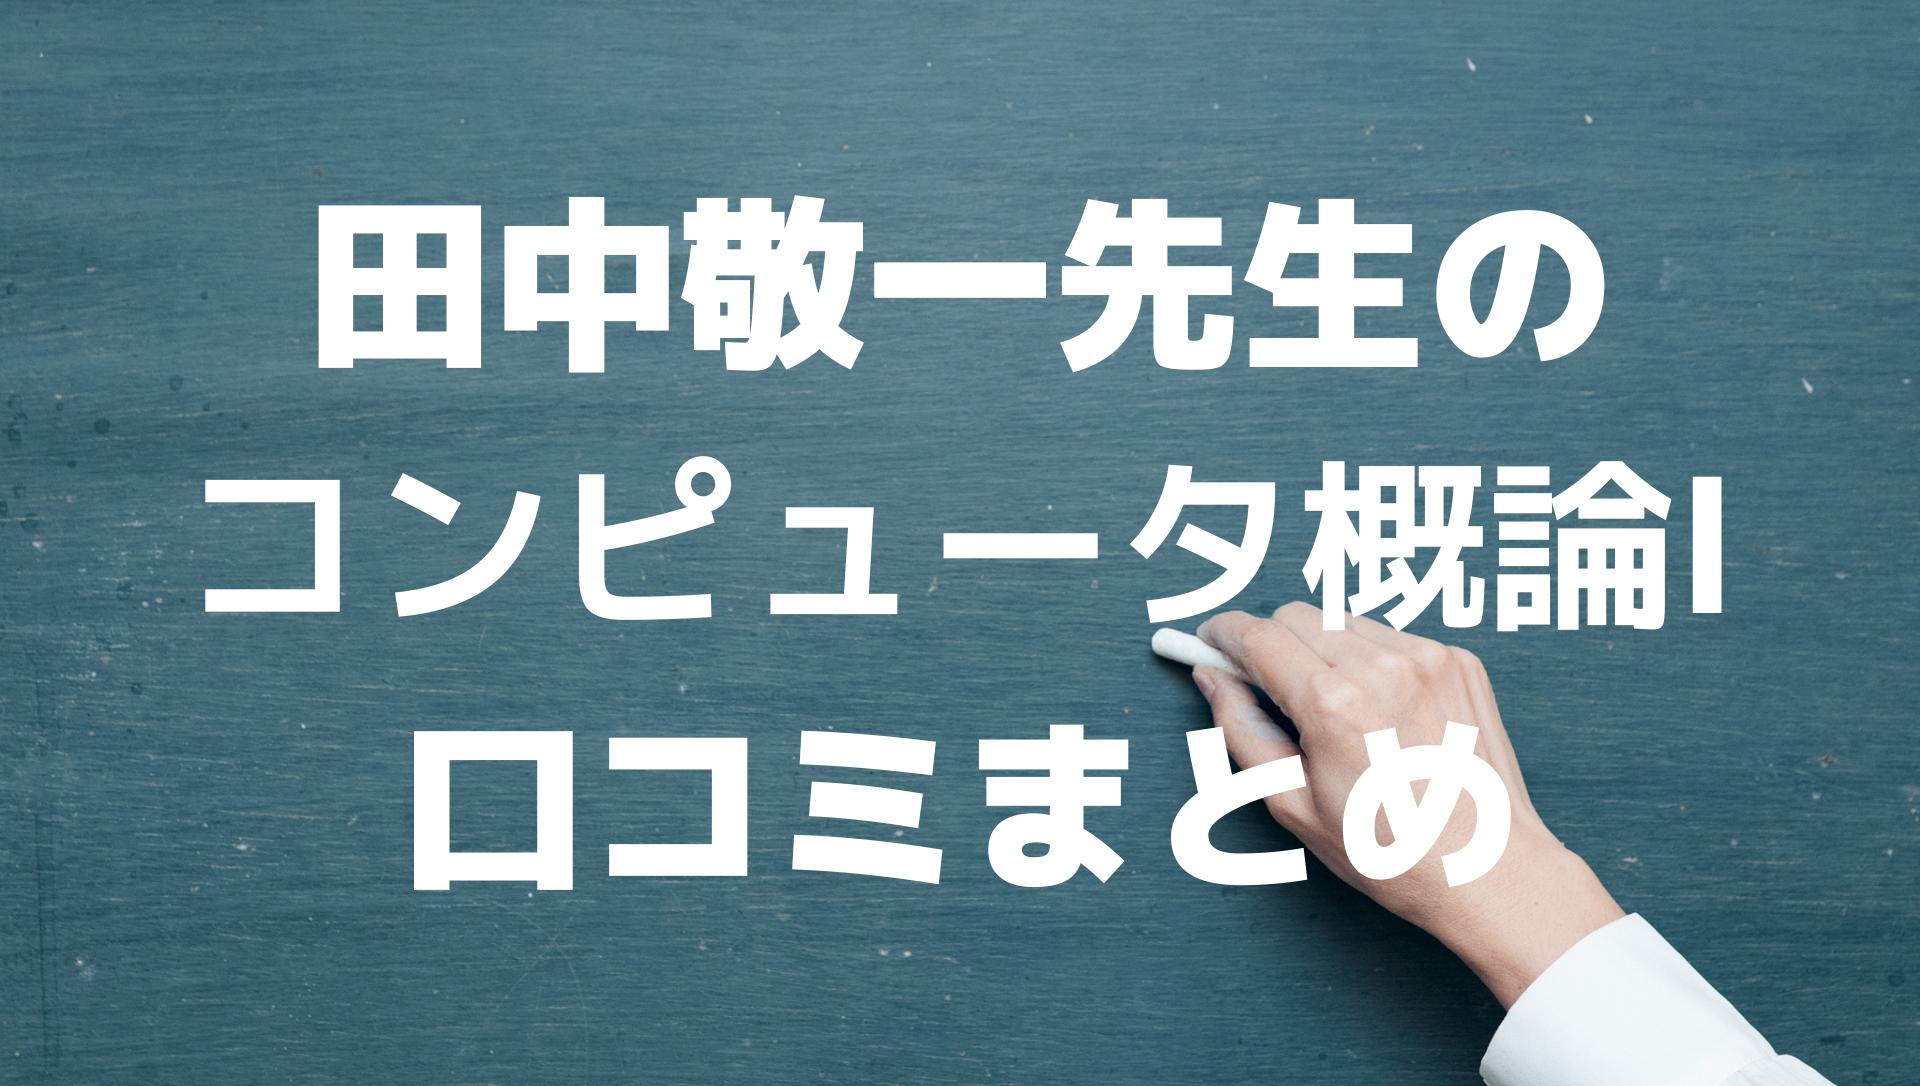 田中敬一先生のコンピュータ概論I